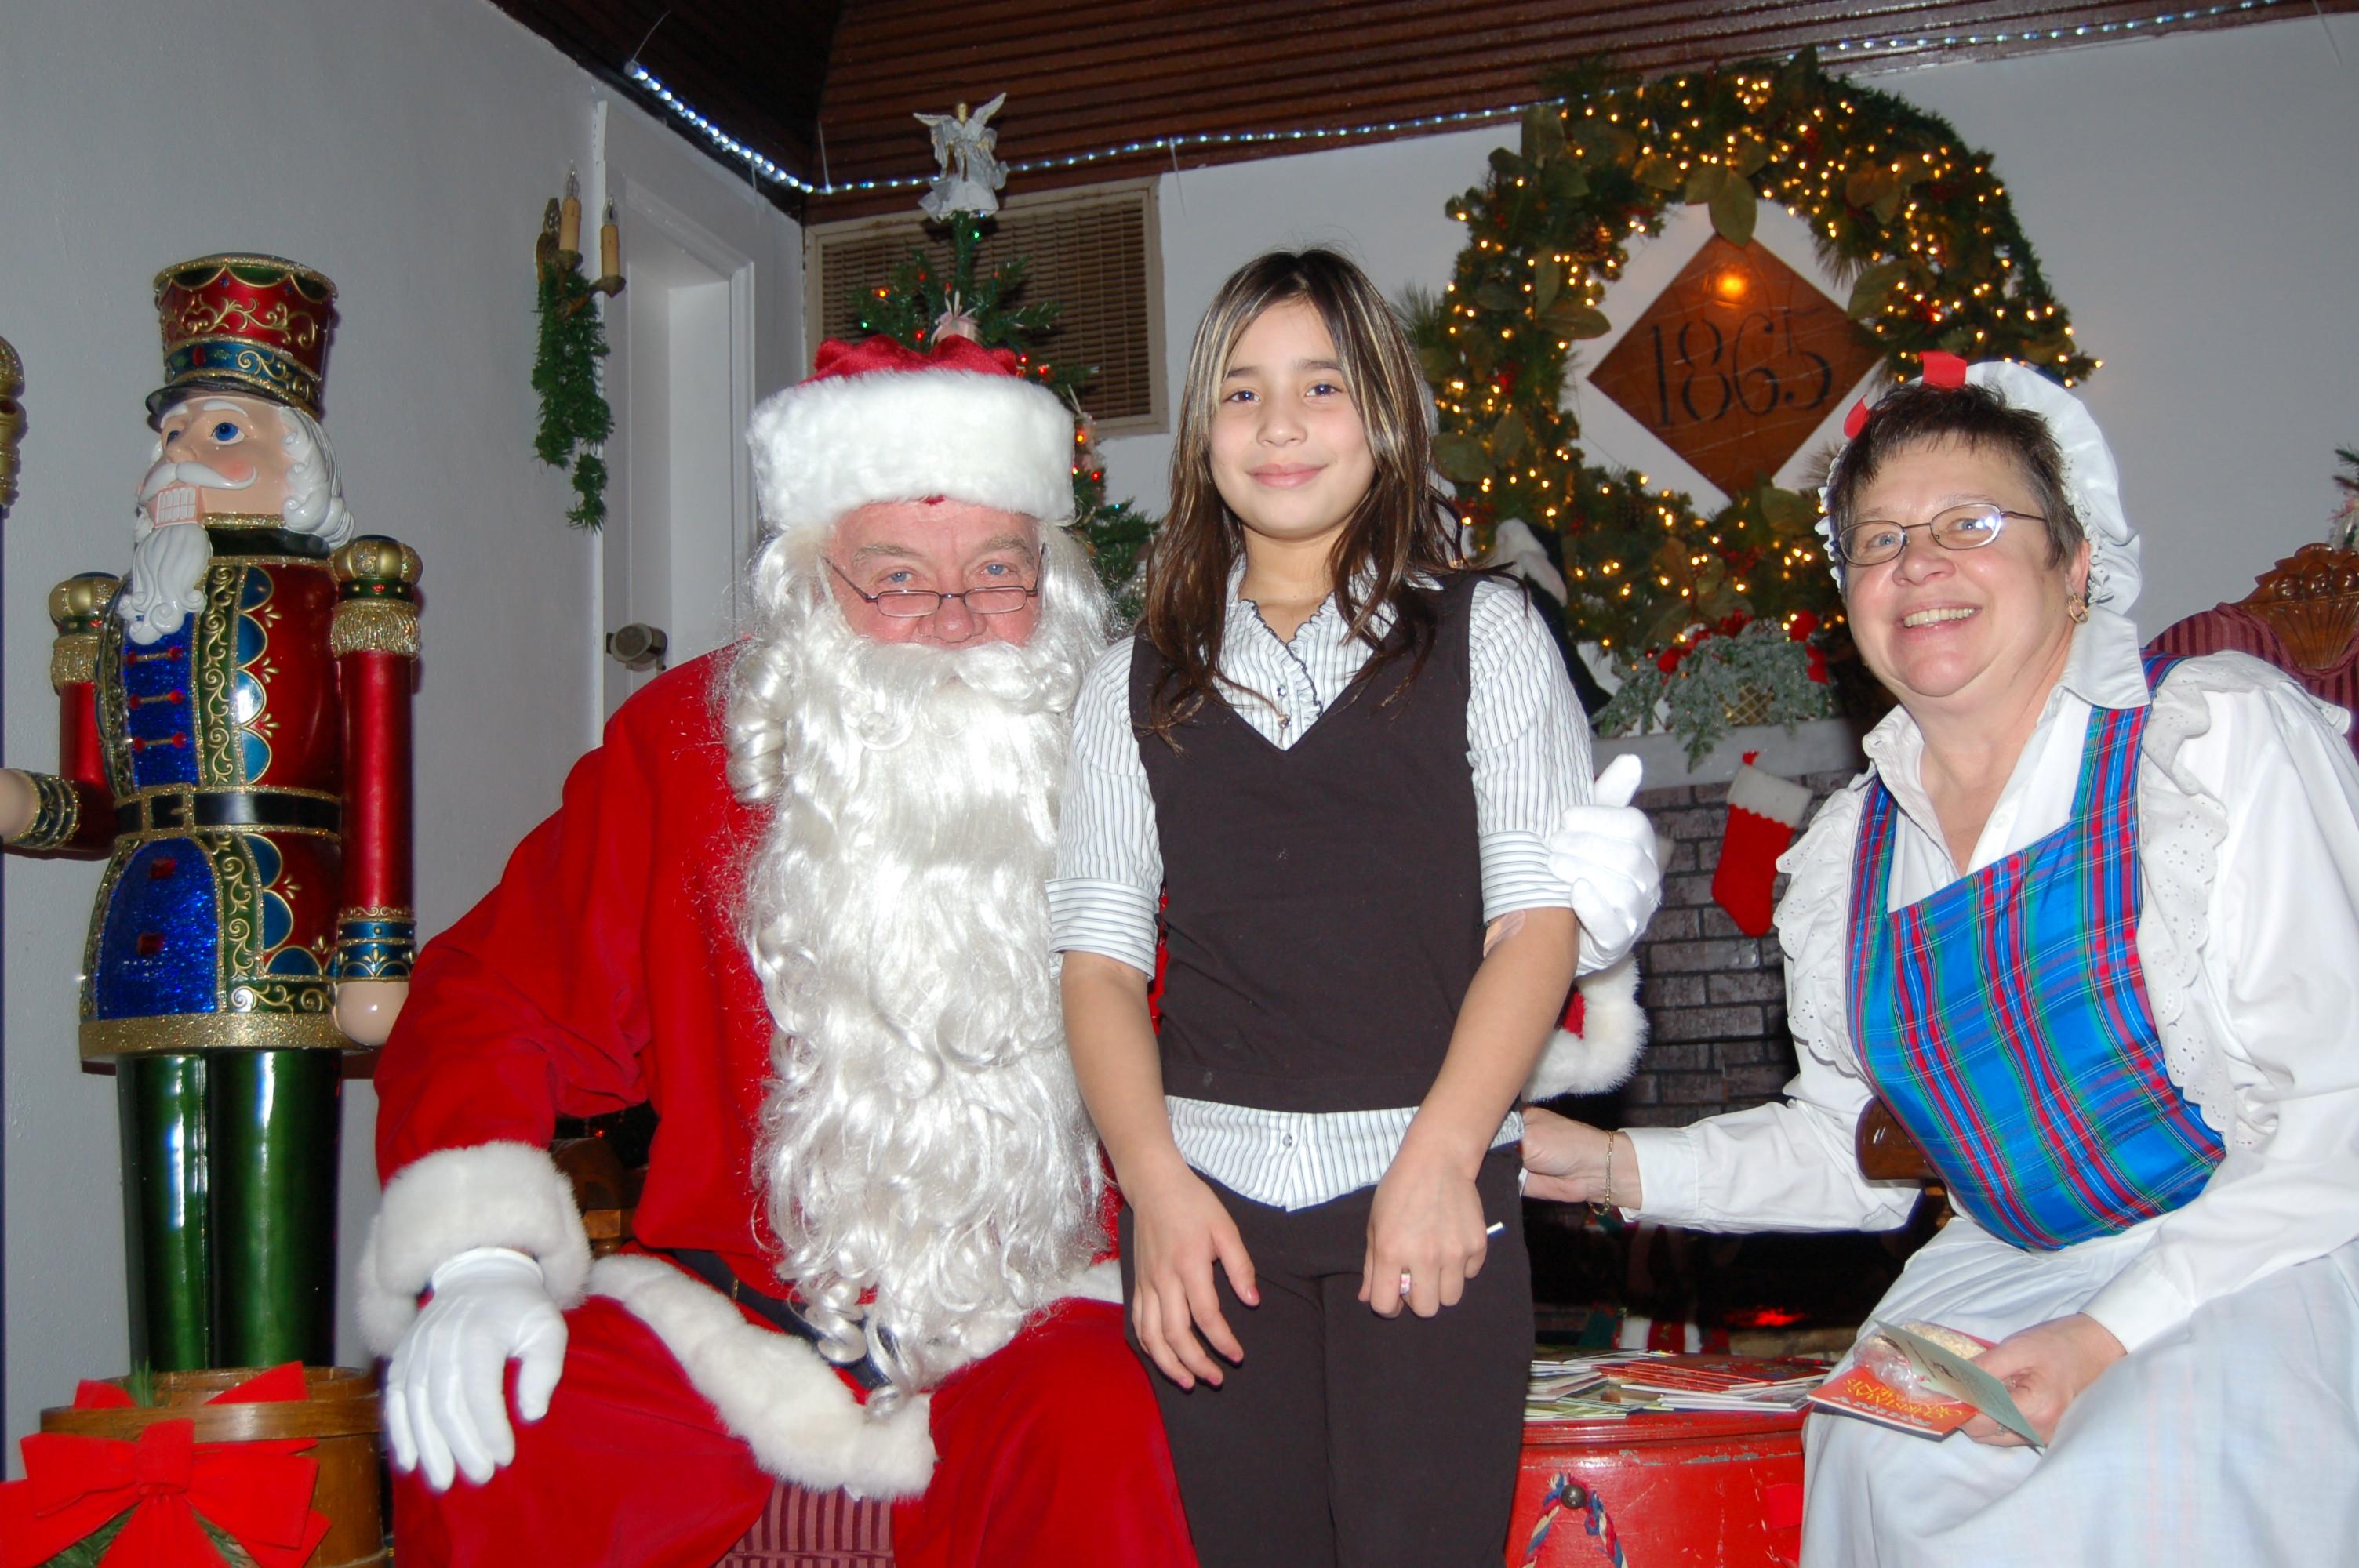 LolliPop+Lane+12-11-2008+Picture+020.jpg